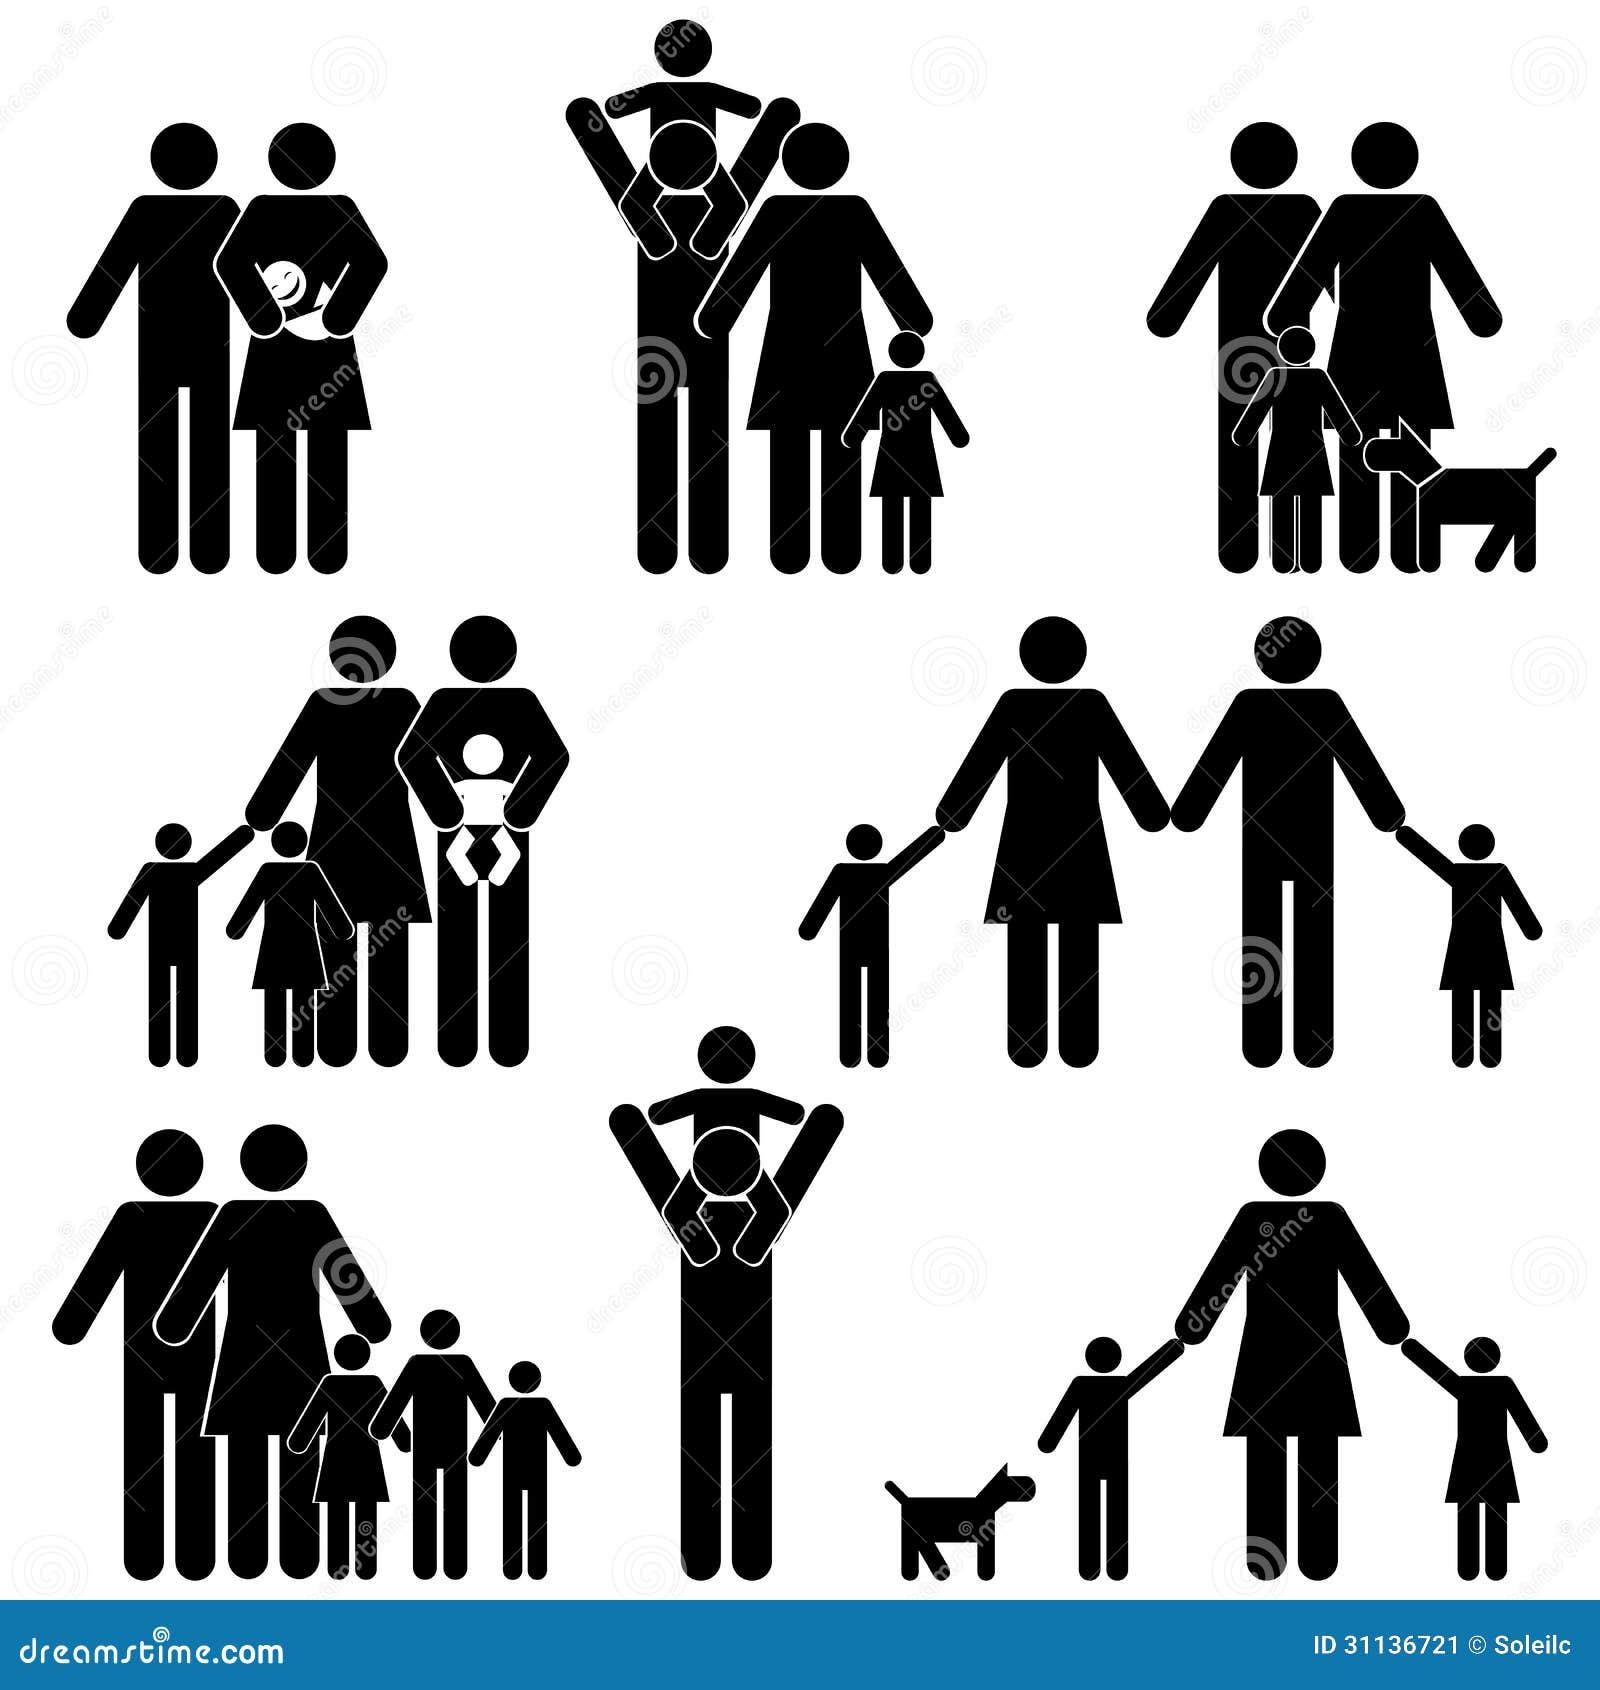 Family Icon Set Stock Image - Image: 31136721